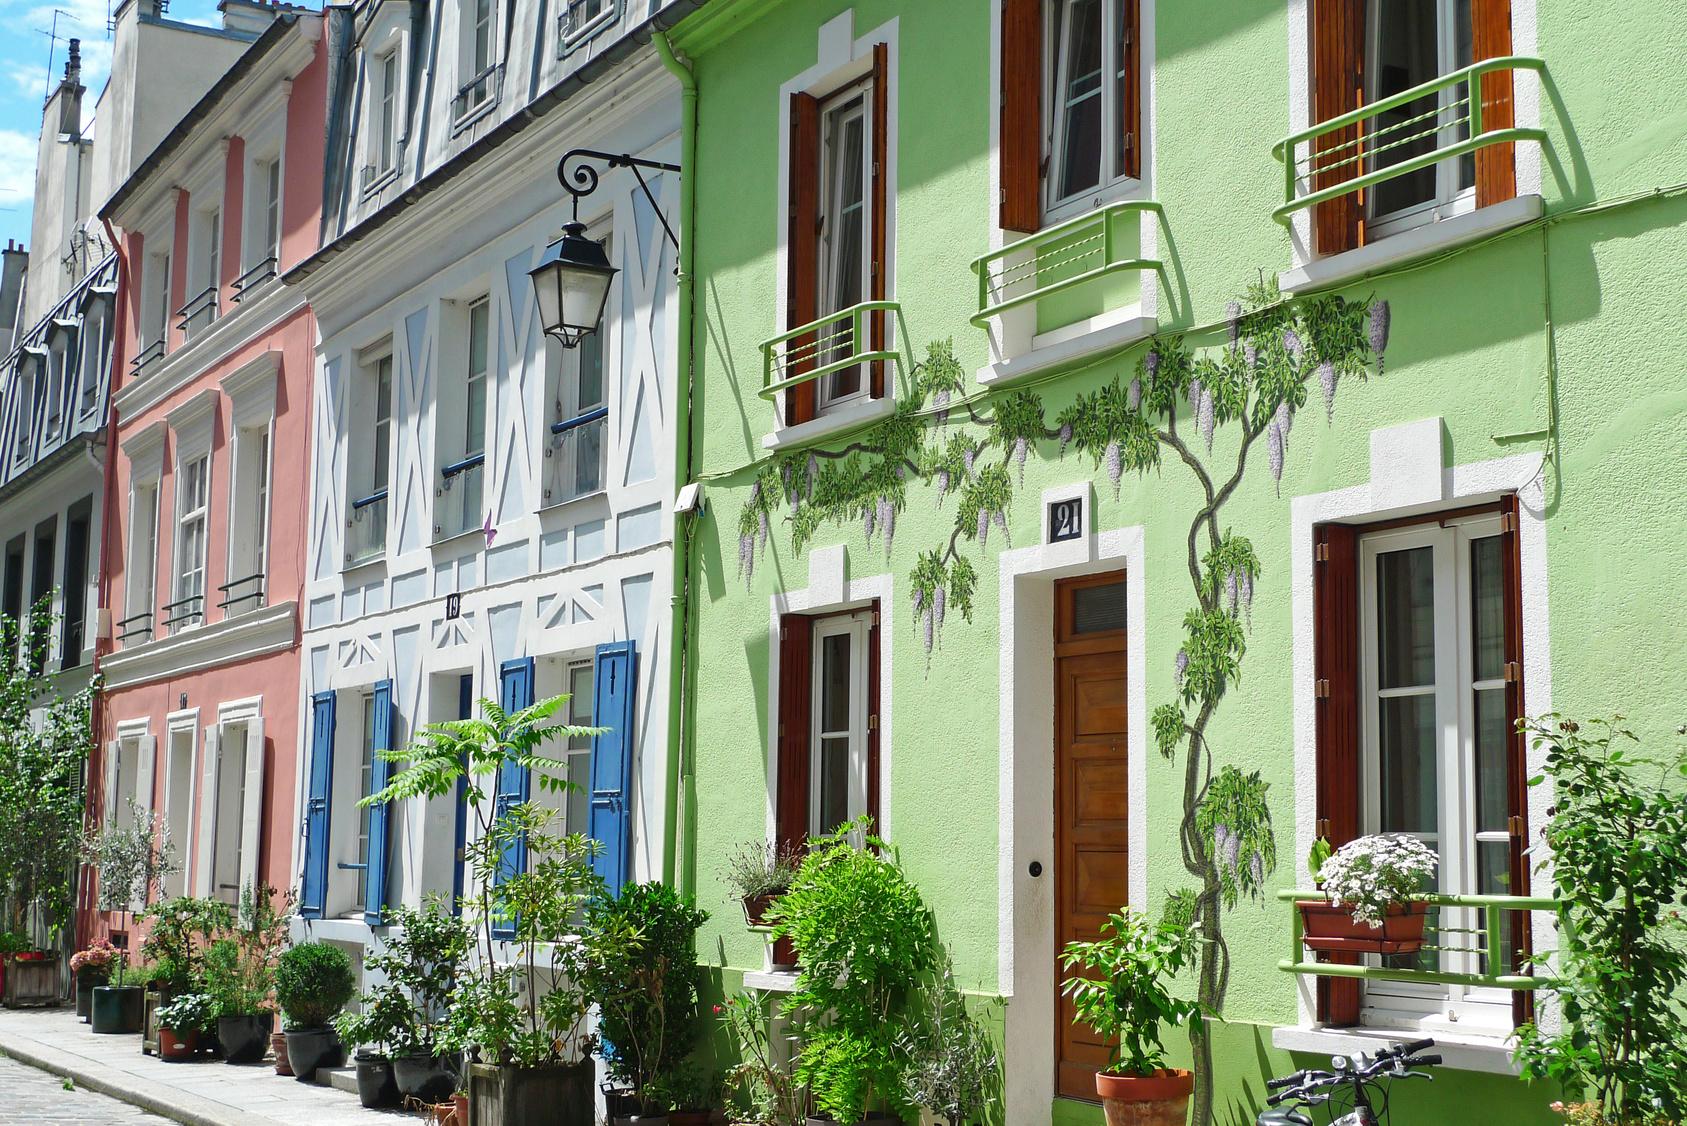 Faire Sa Peinture Extérieure Soi Même 5 conseils pour peindre sa façade à la perfection !